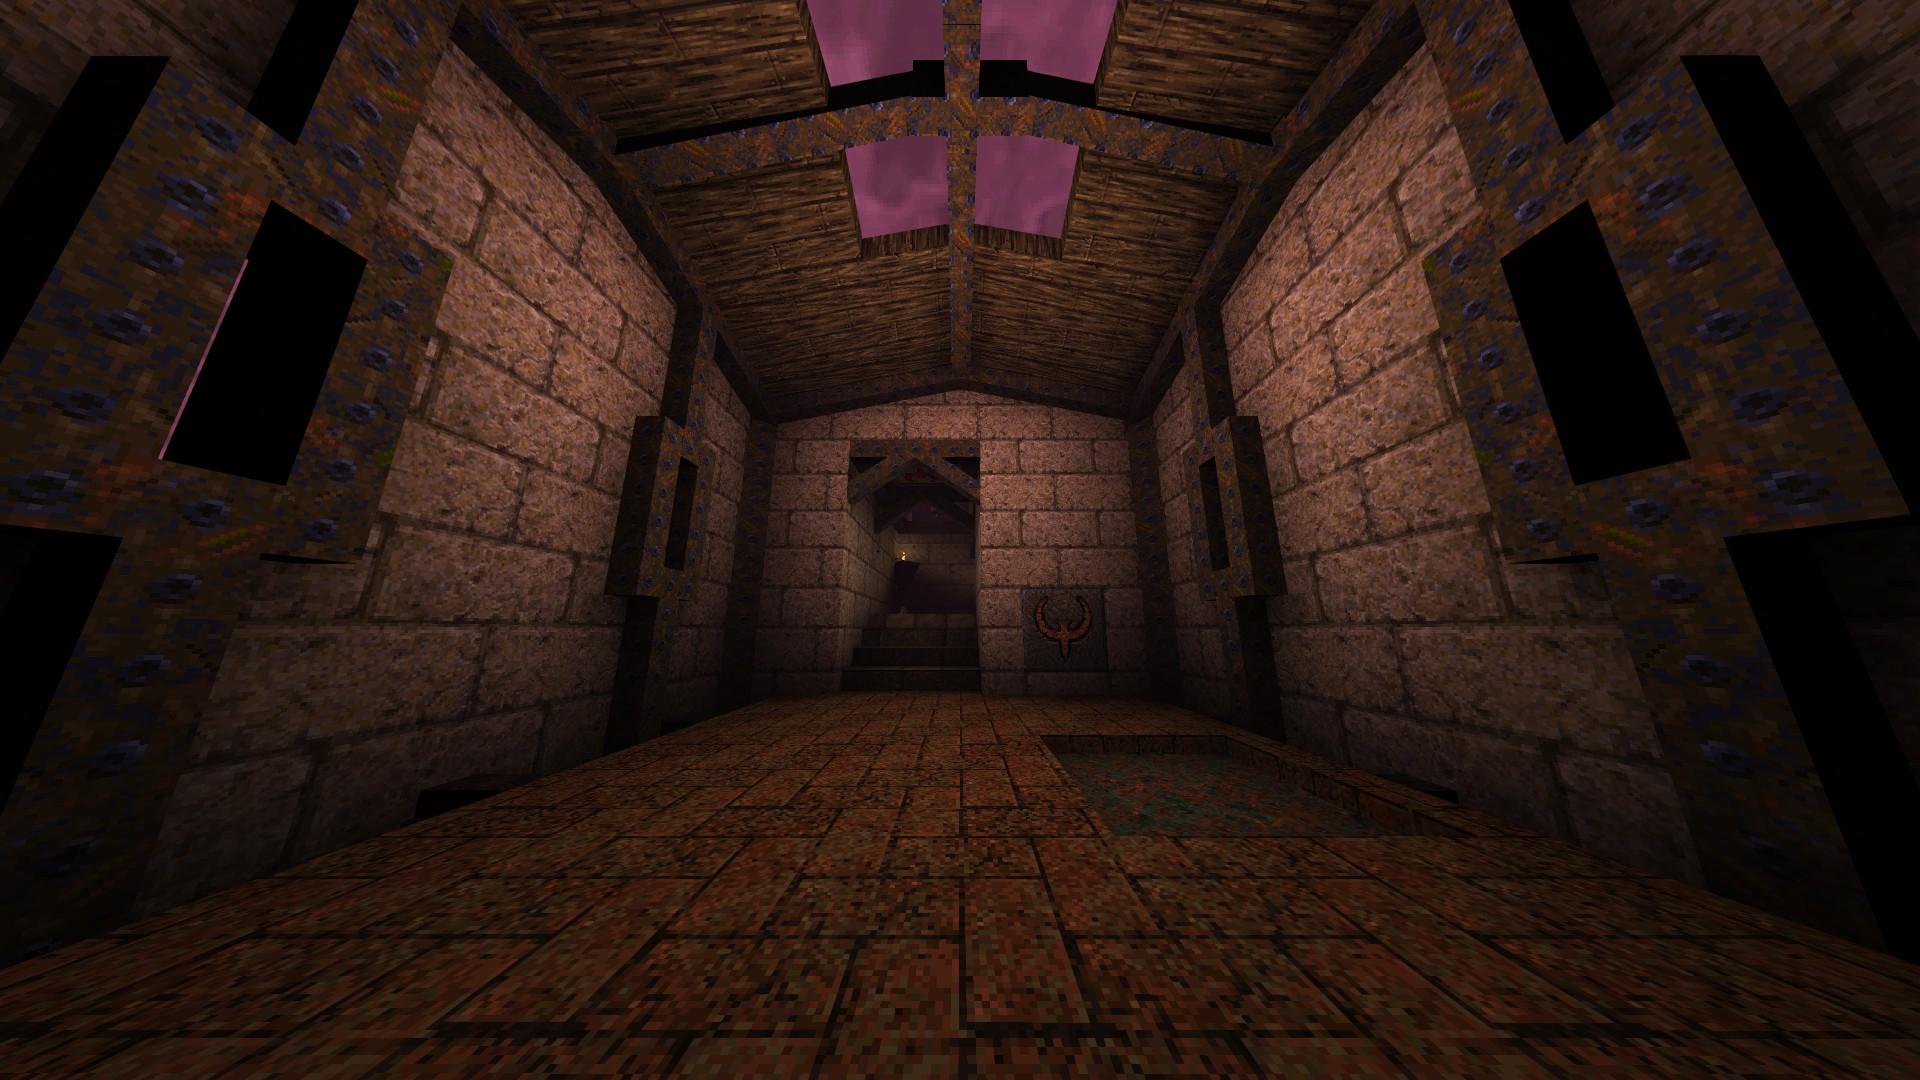 Quake - Locations of All Secrets in Game Tips - E2: Dominion of Darkness - Part I - E2278E7